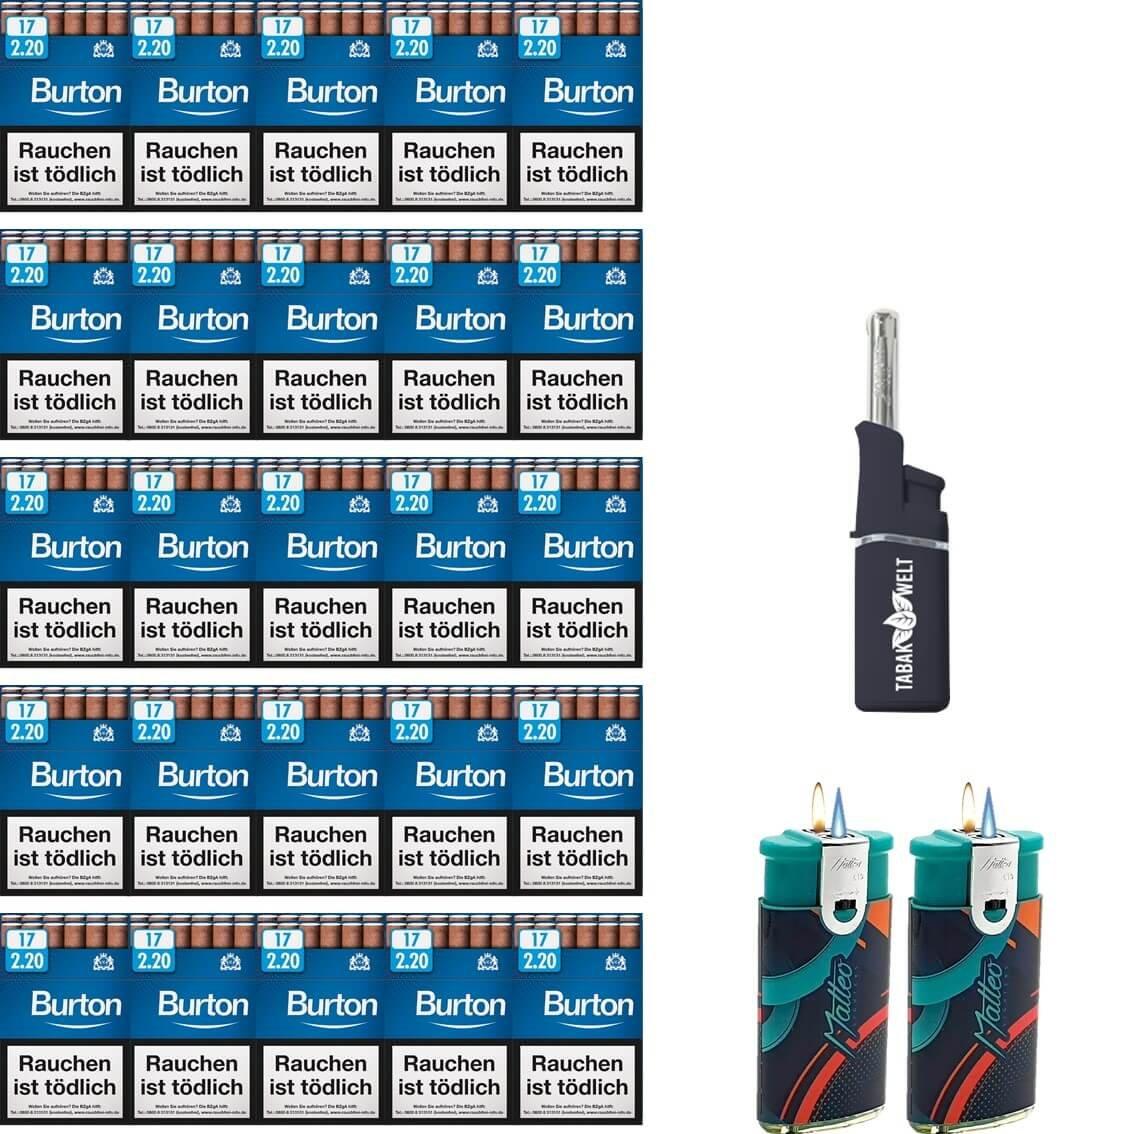 Burton Blue Zigarillos Filter (5 Stangen) 50 x 17 Stück